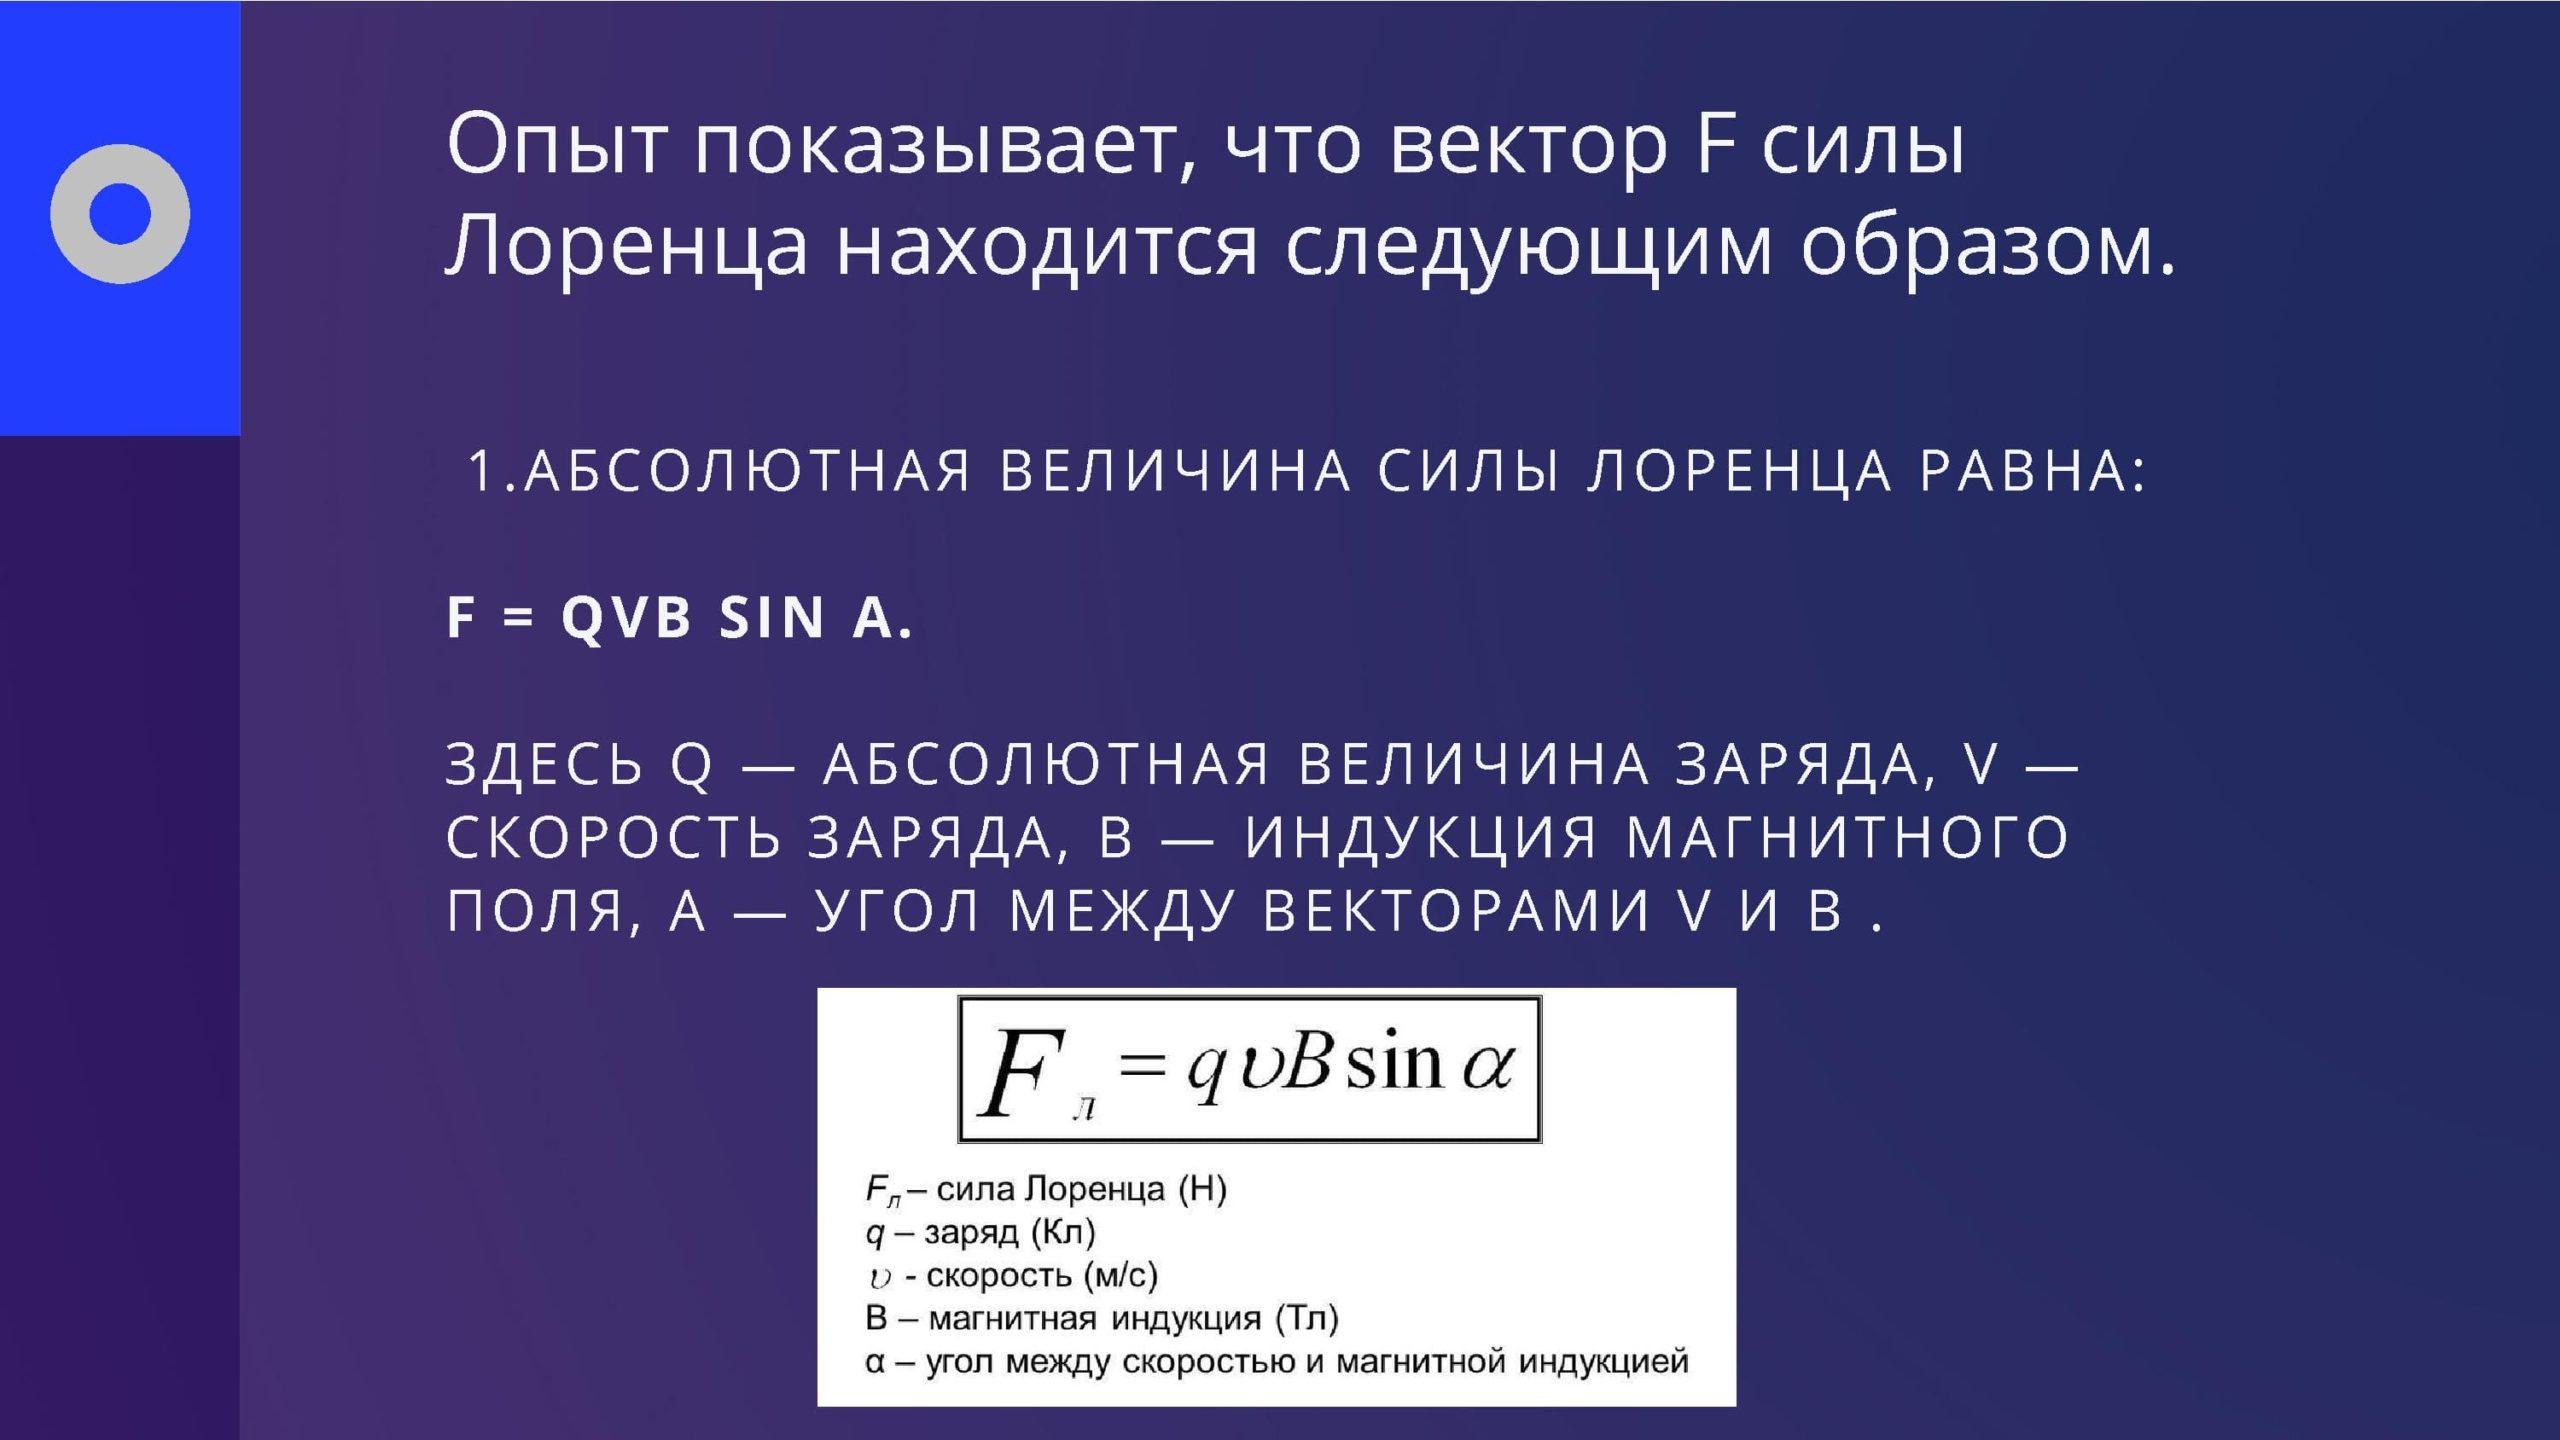 Опыт показывает, что вектор F силы Лоренца находится следующим образом